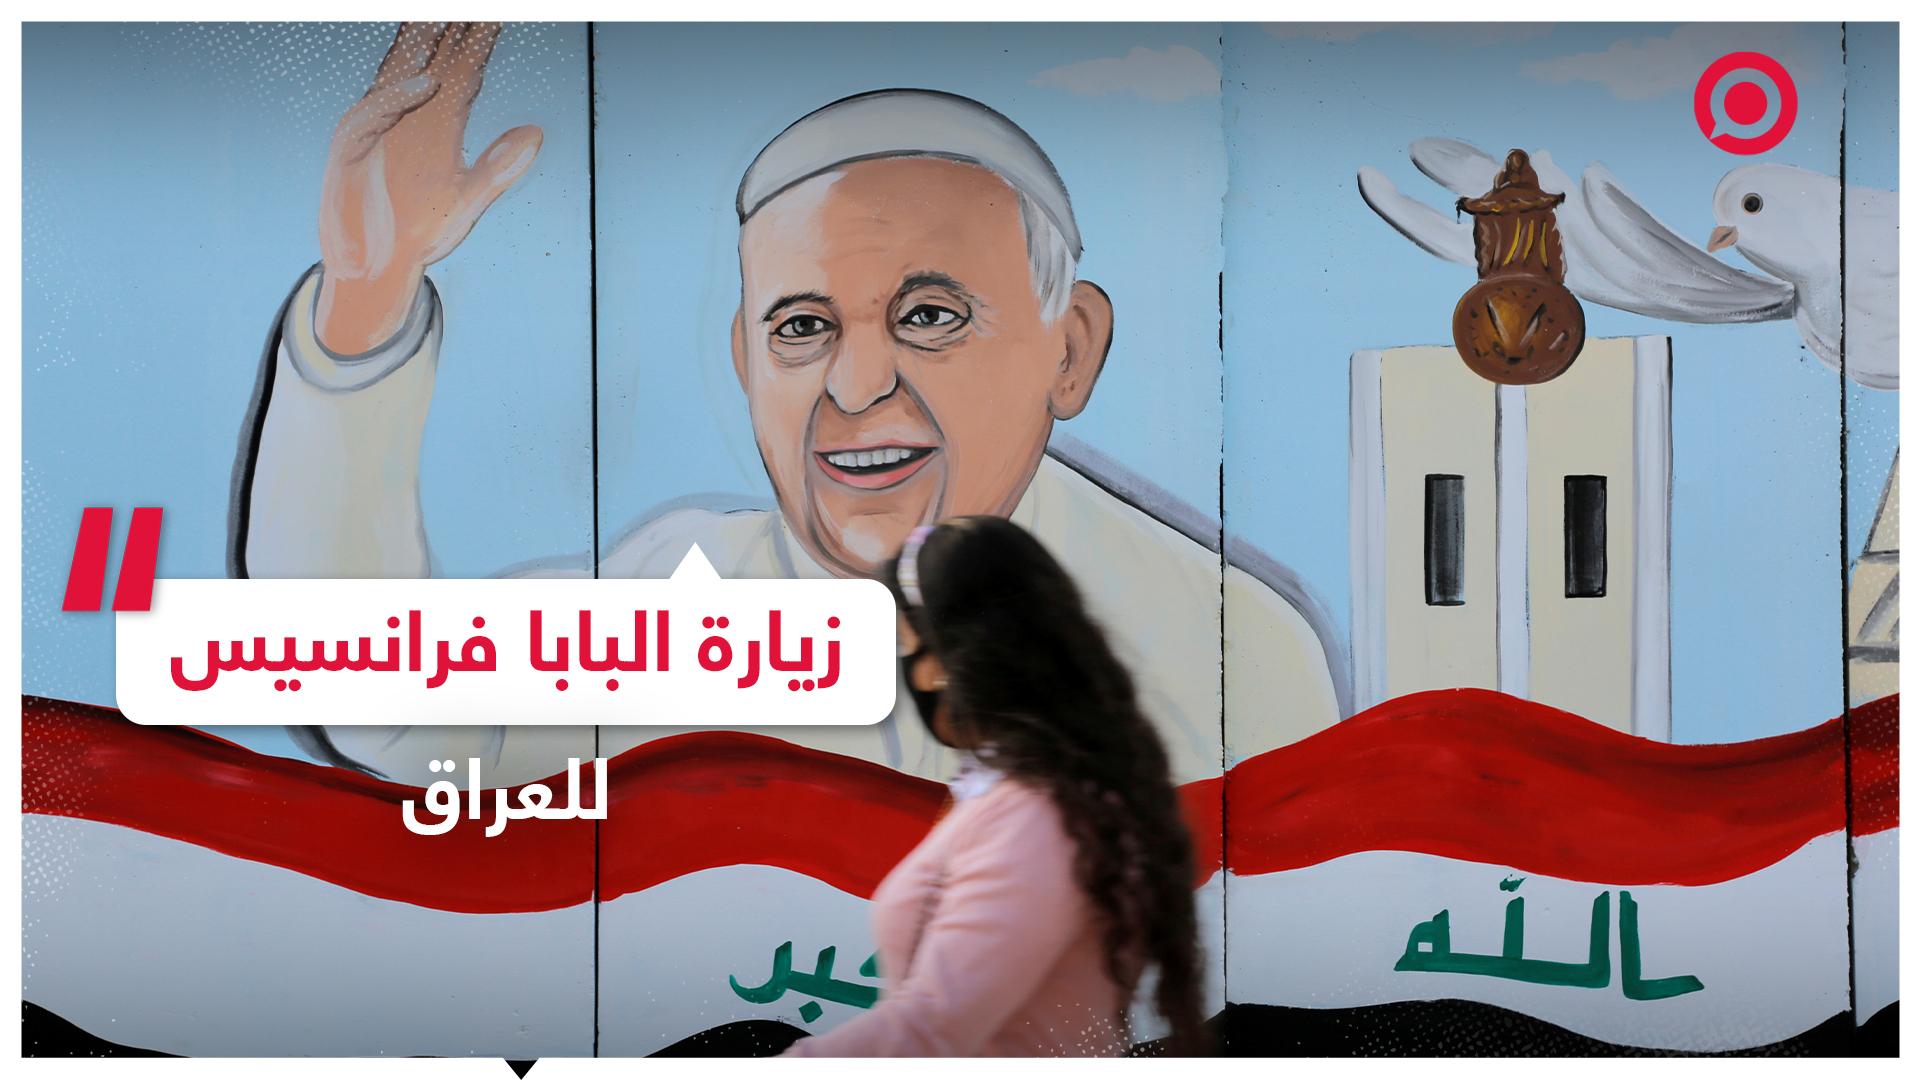 أعمال ترميم برعاية اليونسكو استعدادا لزيارة البابا فرانسيس التاريخية للعراق